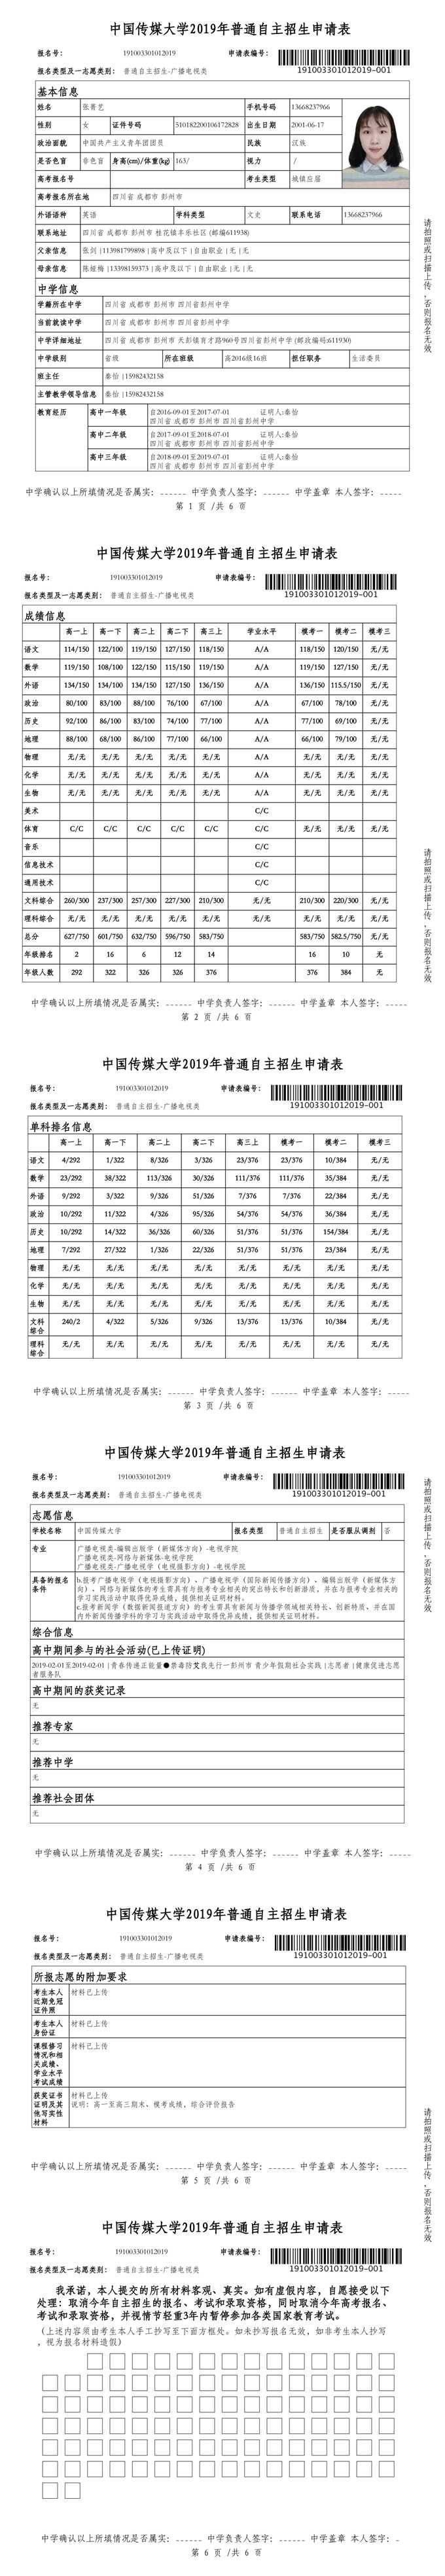 张菁艺公示材料_1_6.gif